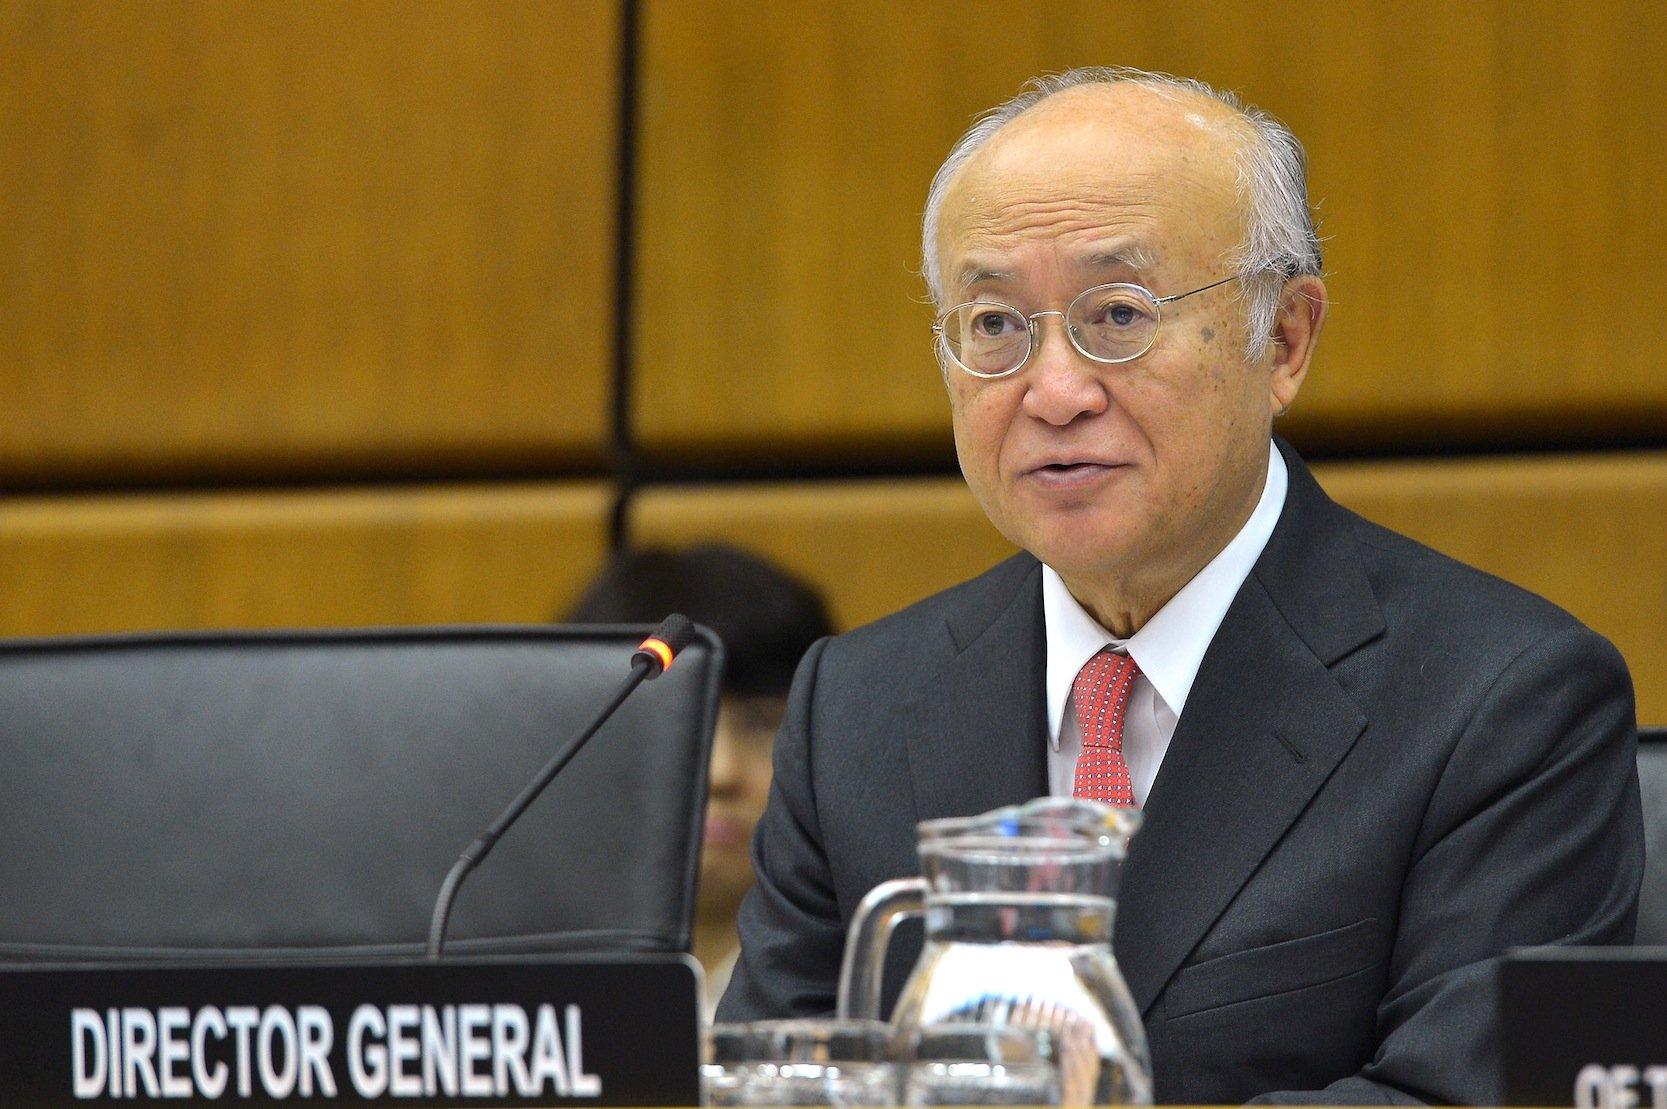 Yukiya Amano, Generalsekretär der Internationalen Atomenergie-Organisation (IAEO) in Wien, hat eingeräumt, dass es Hackern bereits gelungen ist, in Atomanlagen einzudringen und für Probleme zu sorgen.